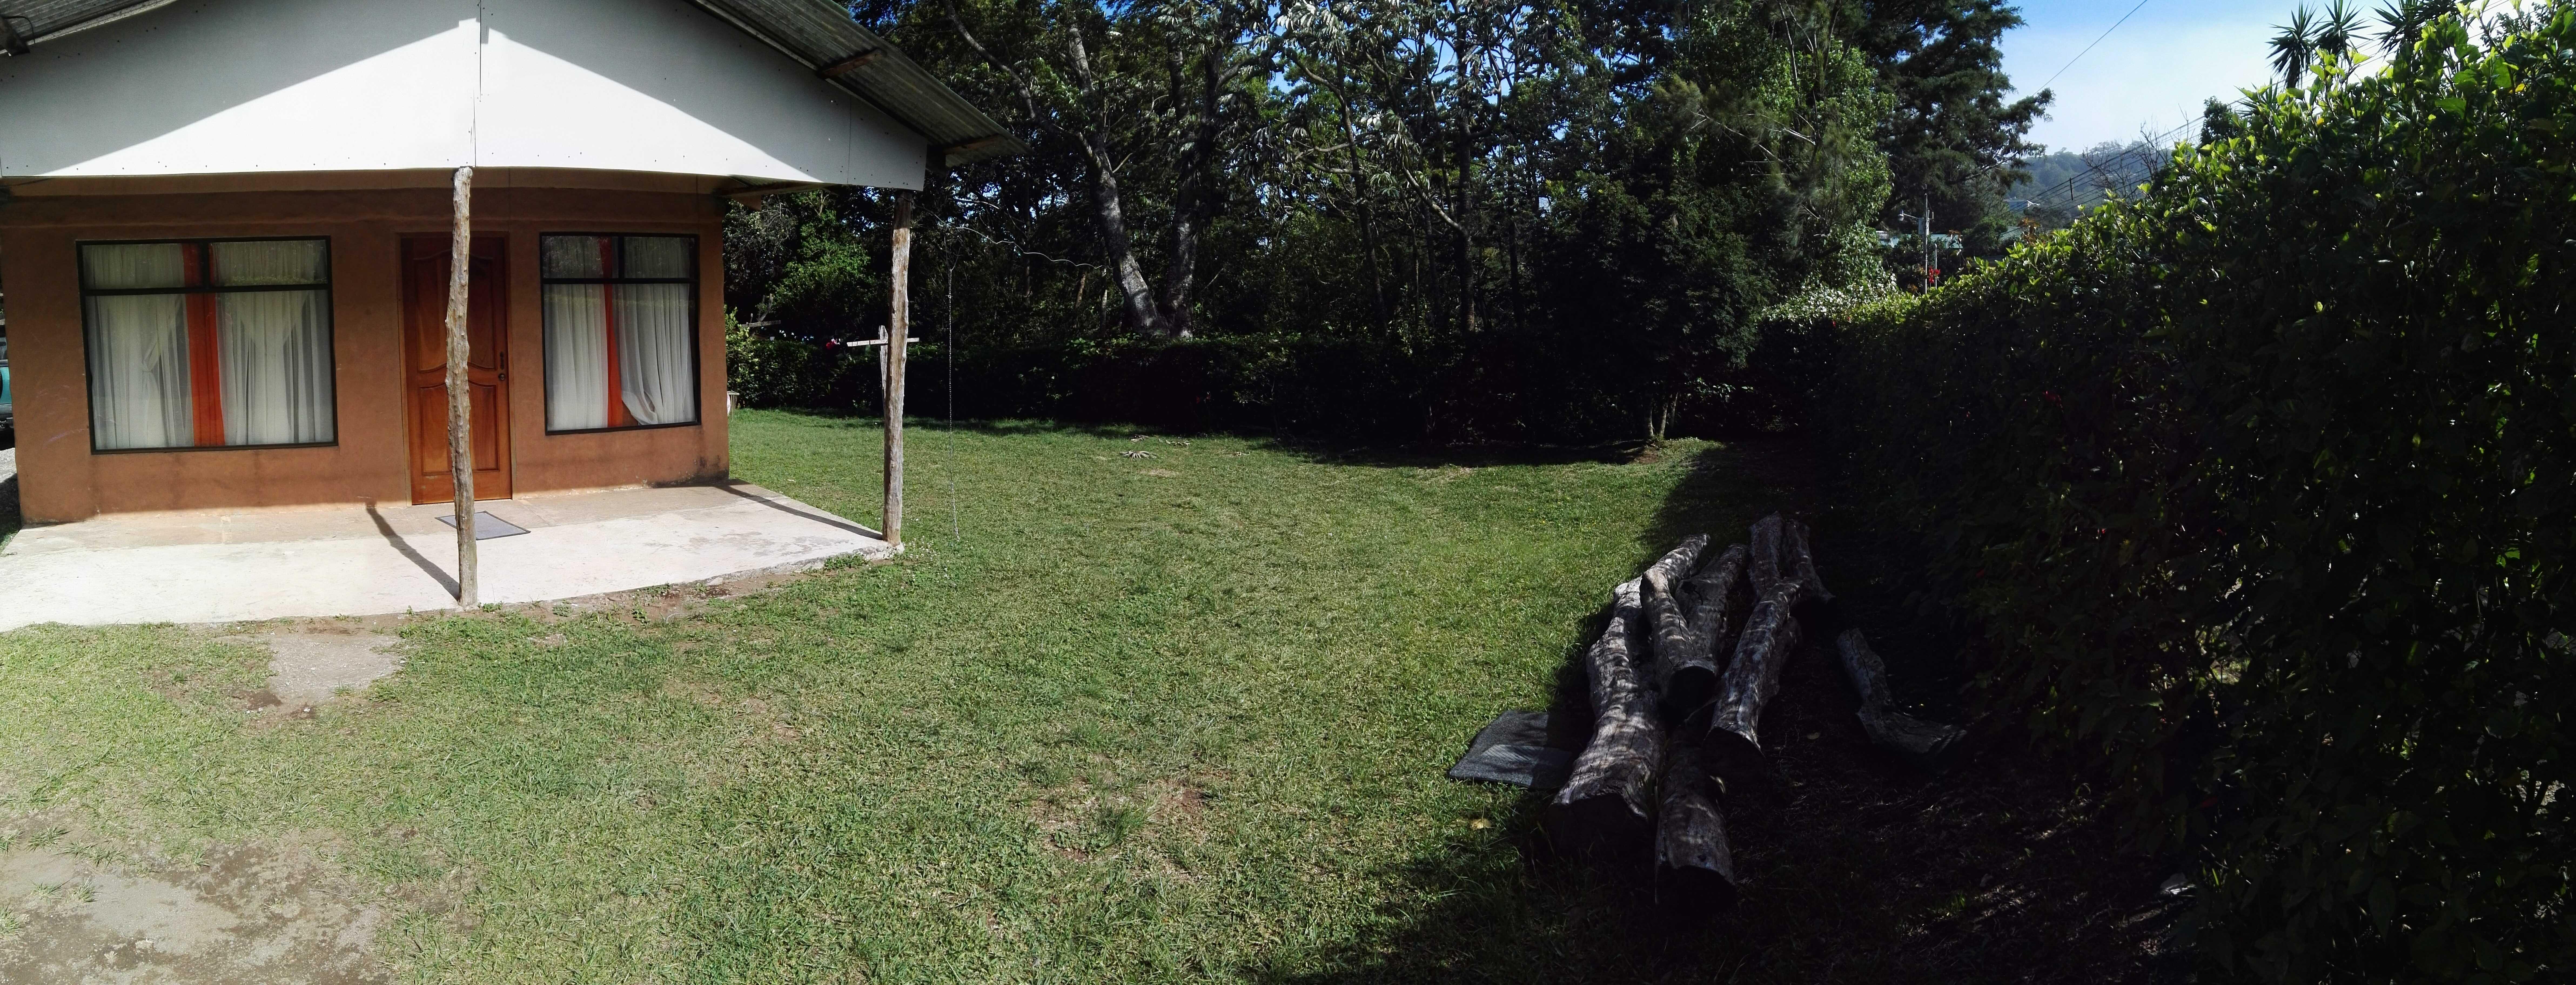 Homestay Majim in Monteverde, Costa Rica